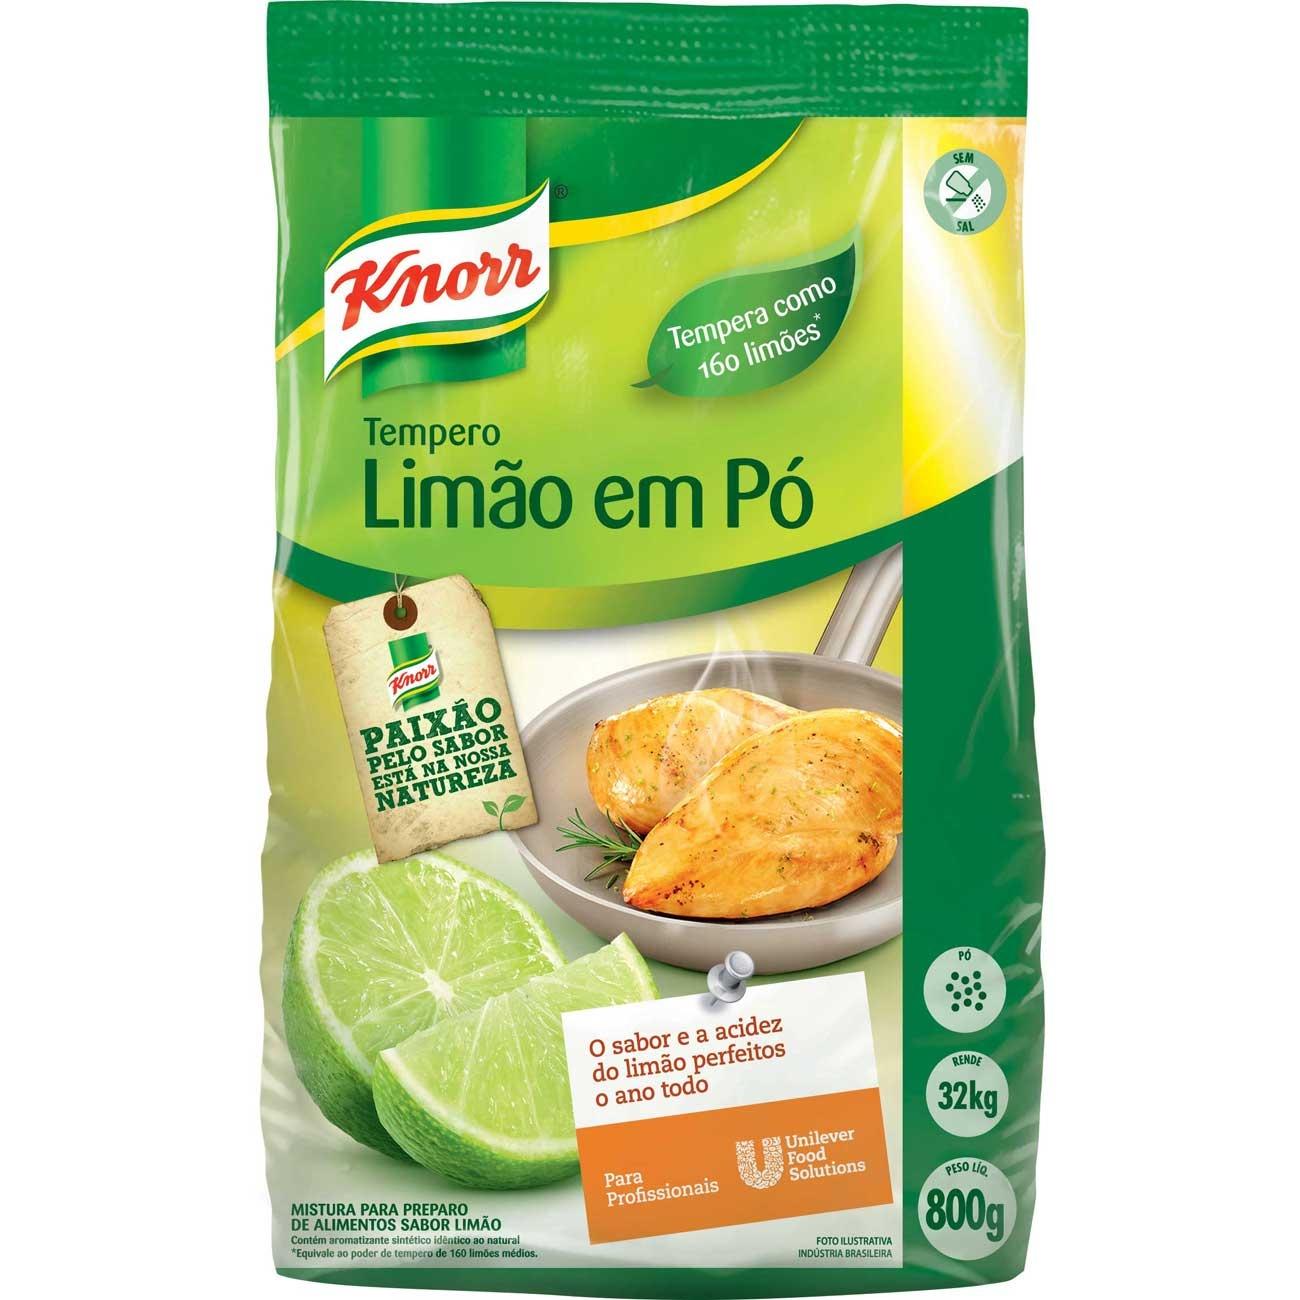 Tempero em Po Knorr Limao 800g